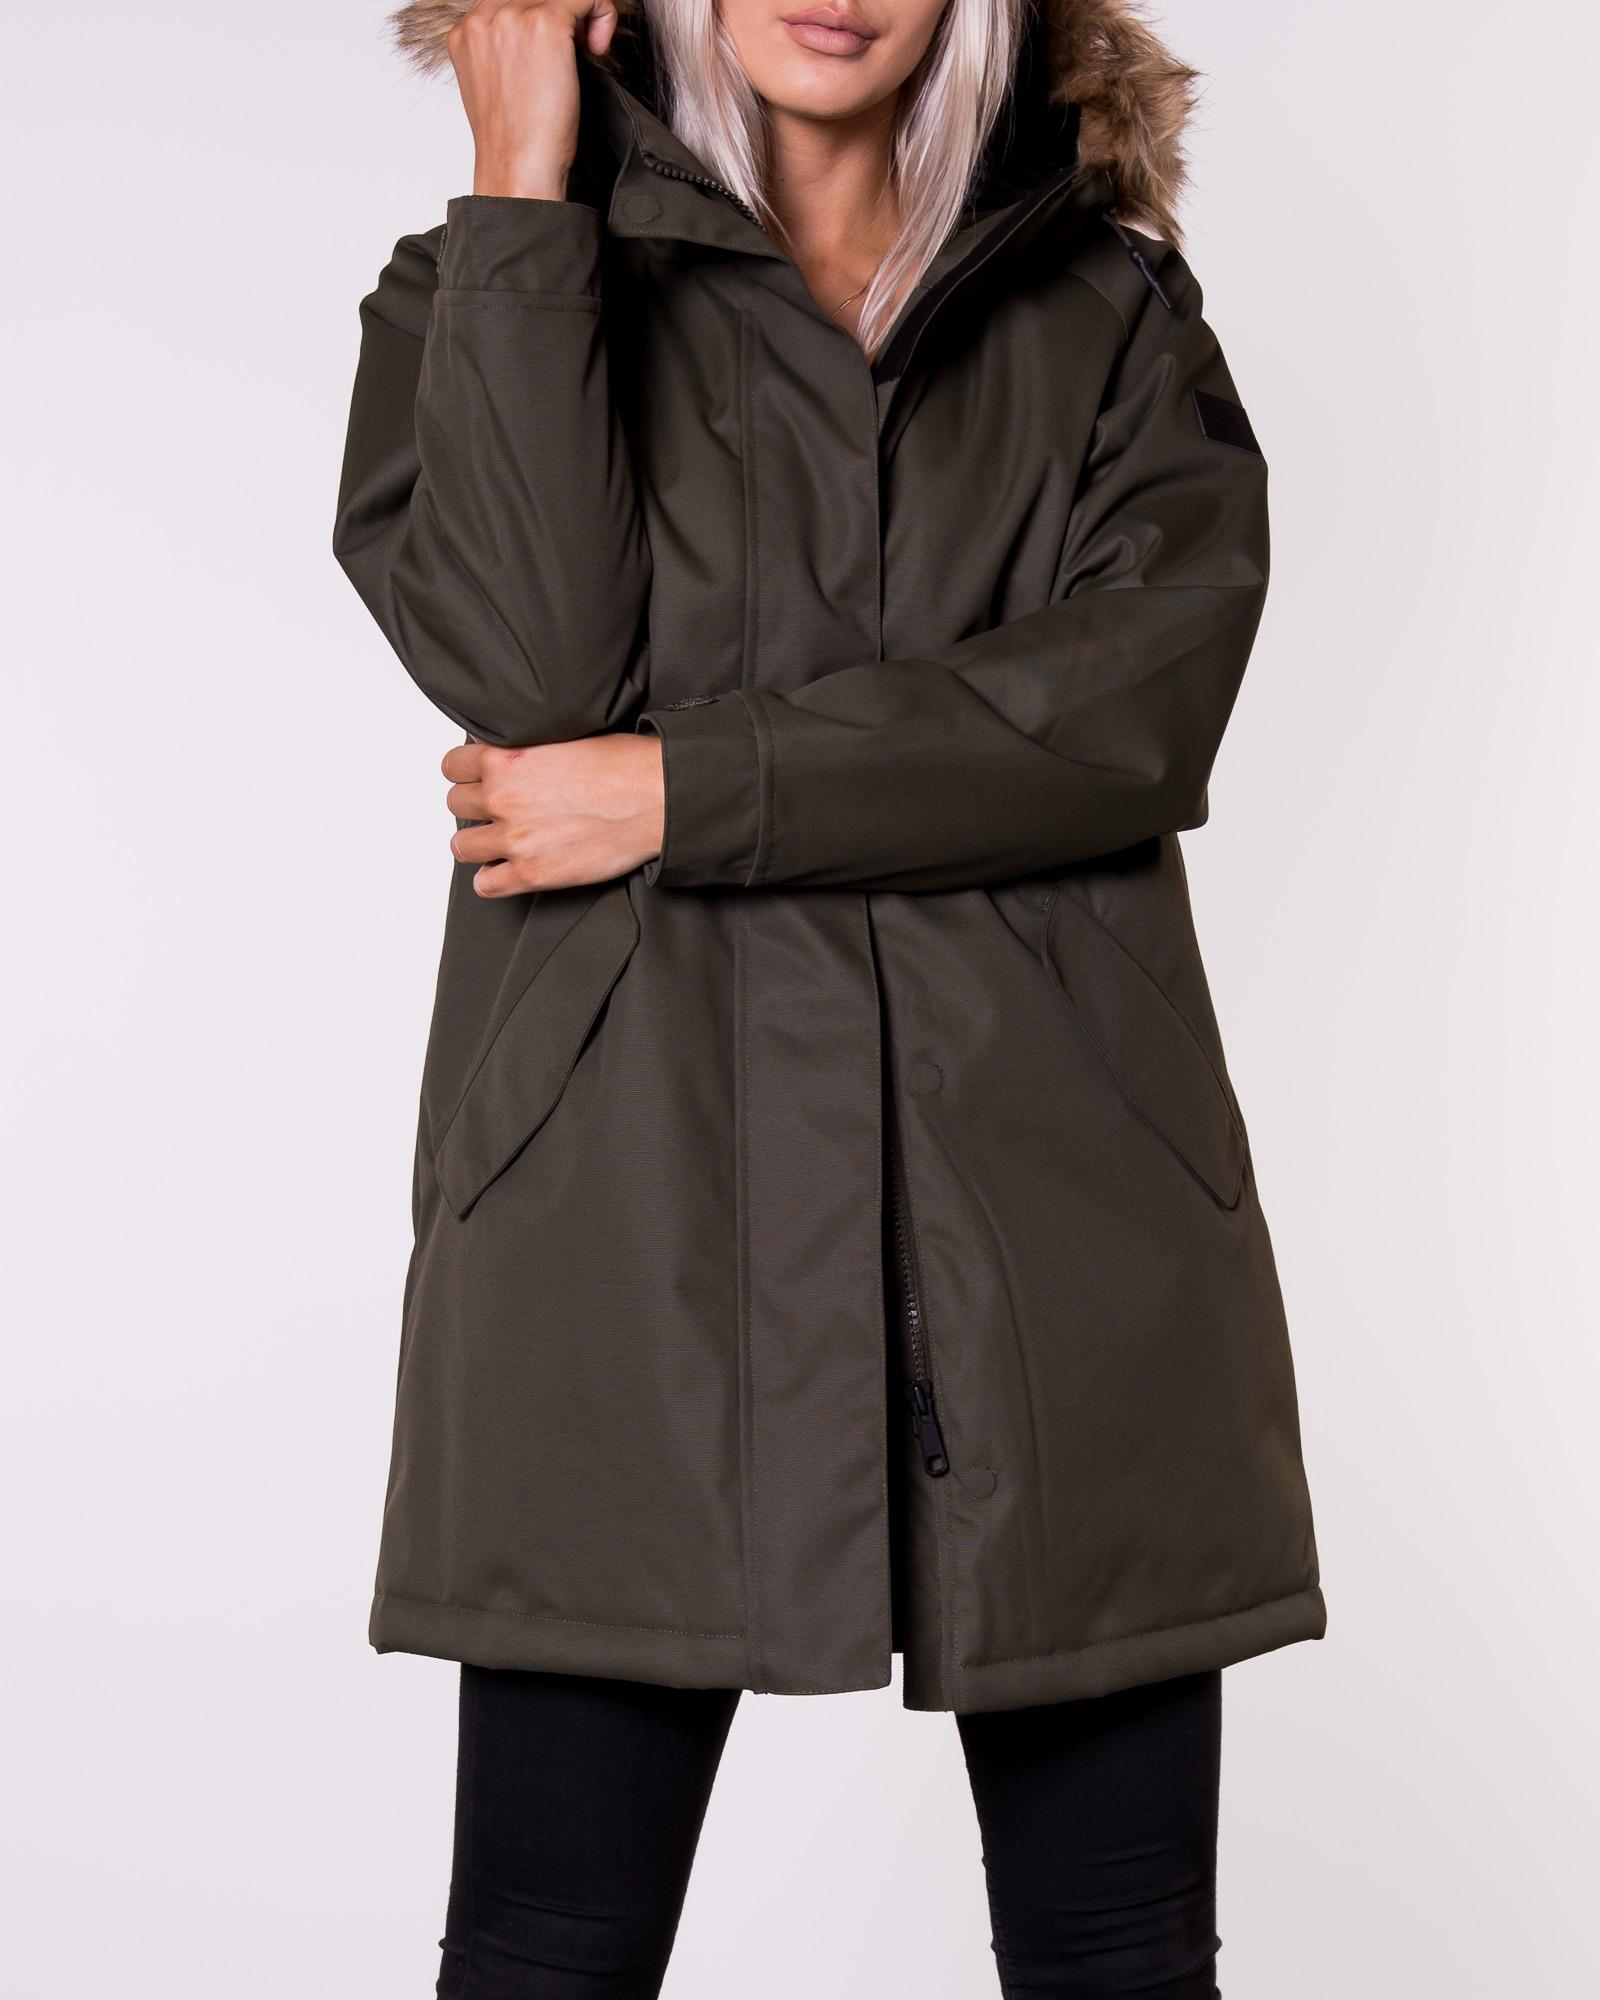 tiedot myydään maailmanlaajuisesti Uudet tuotteet Makia, Raglan Parka Green   Naisten Takit   HOUSEOFBRANDON.COM